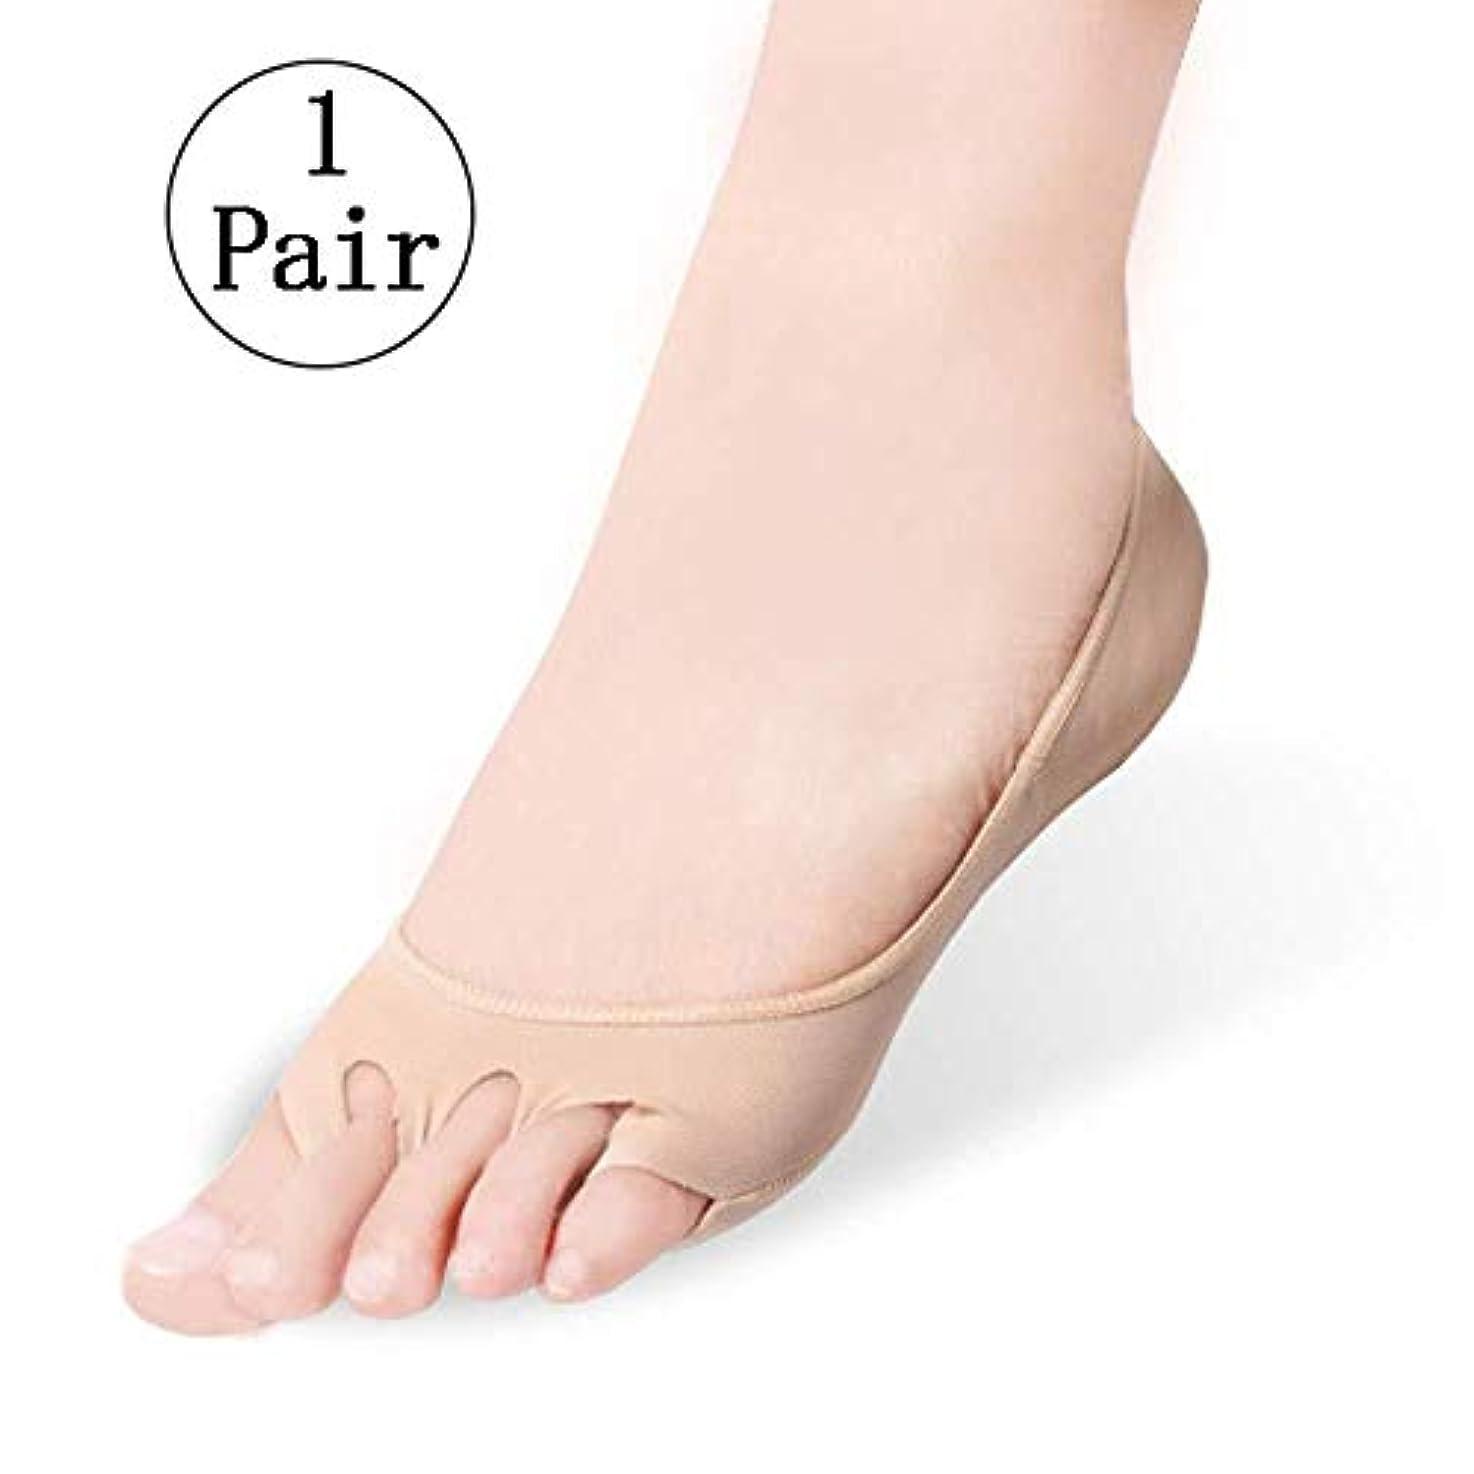 起点グリースチラチラするつま先セパレーター、快適で通気性、伸縮性に優れ、腱膜痛、外反母hall、足の親指の調整を緩和